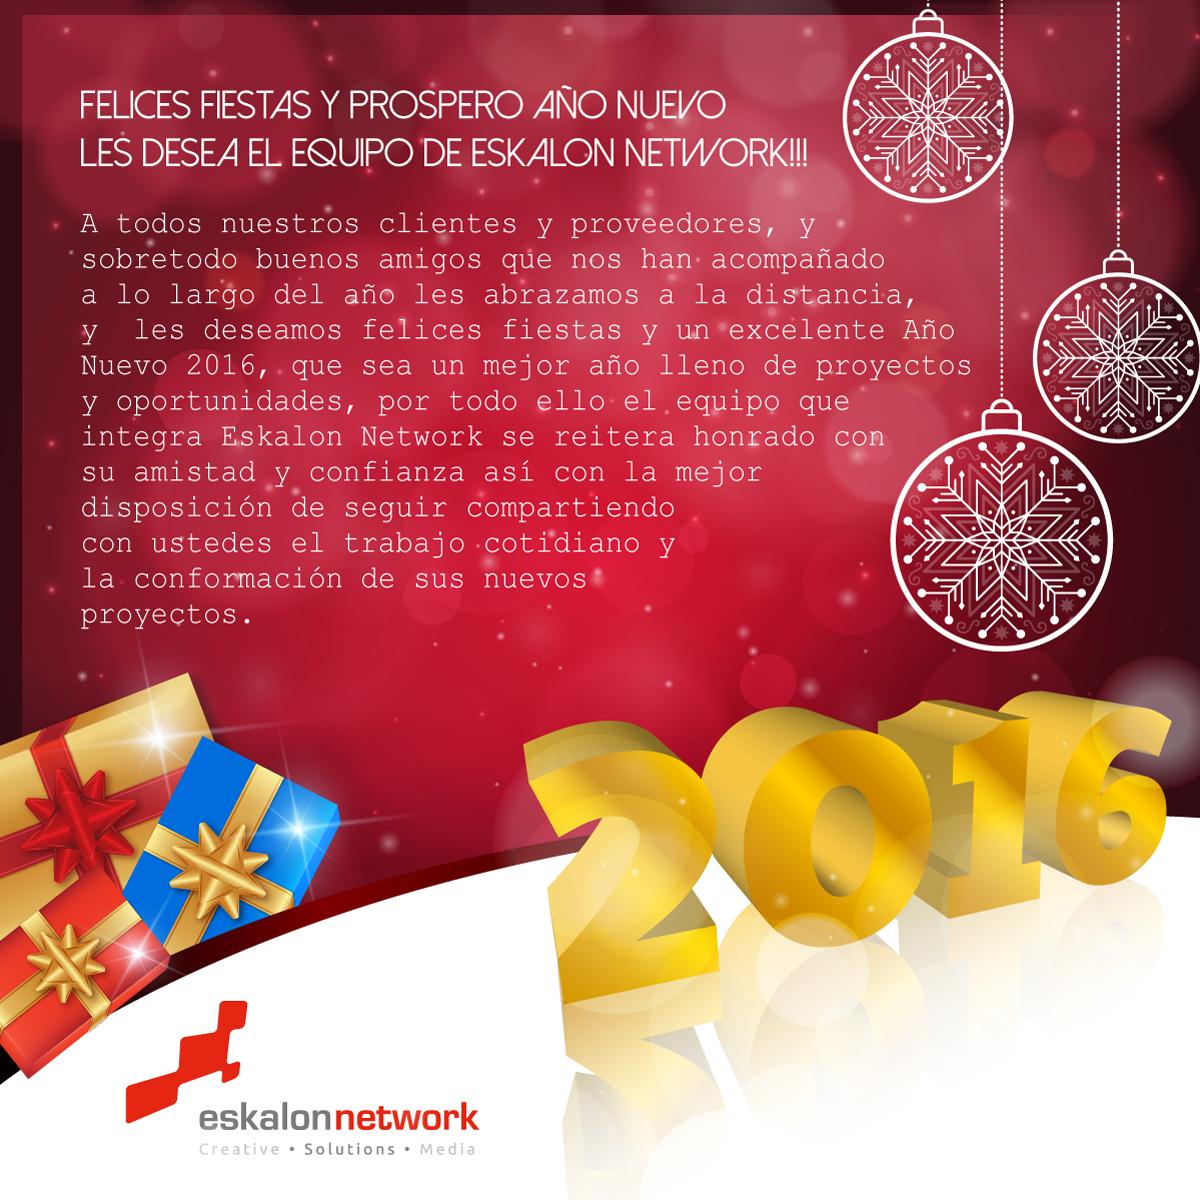 eskalon-2015-navidad